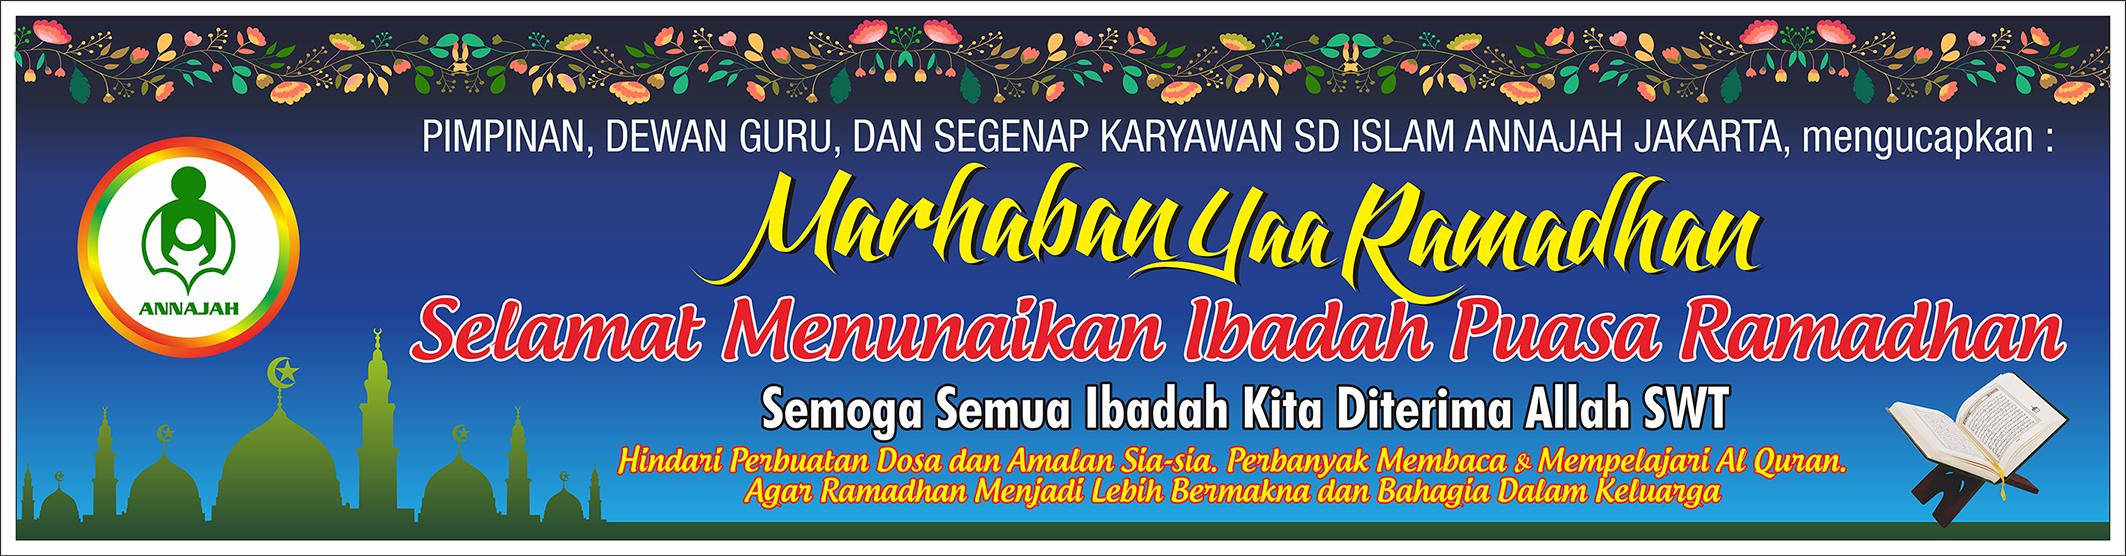 marhaban_4X1